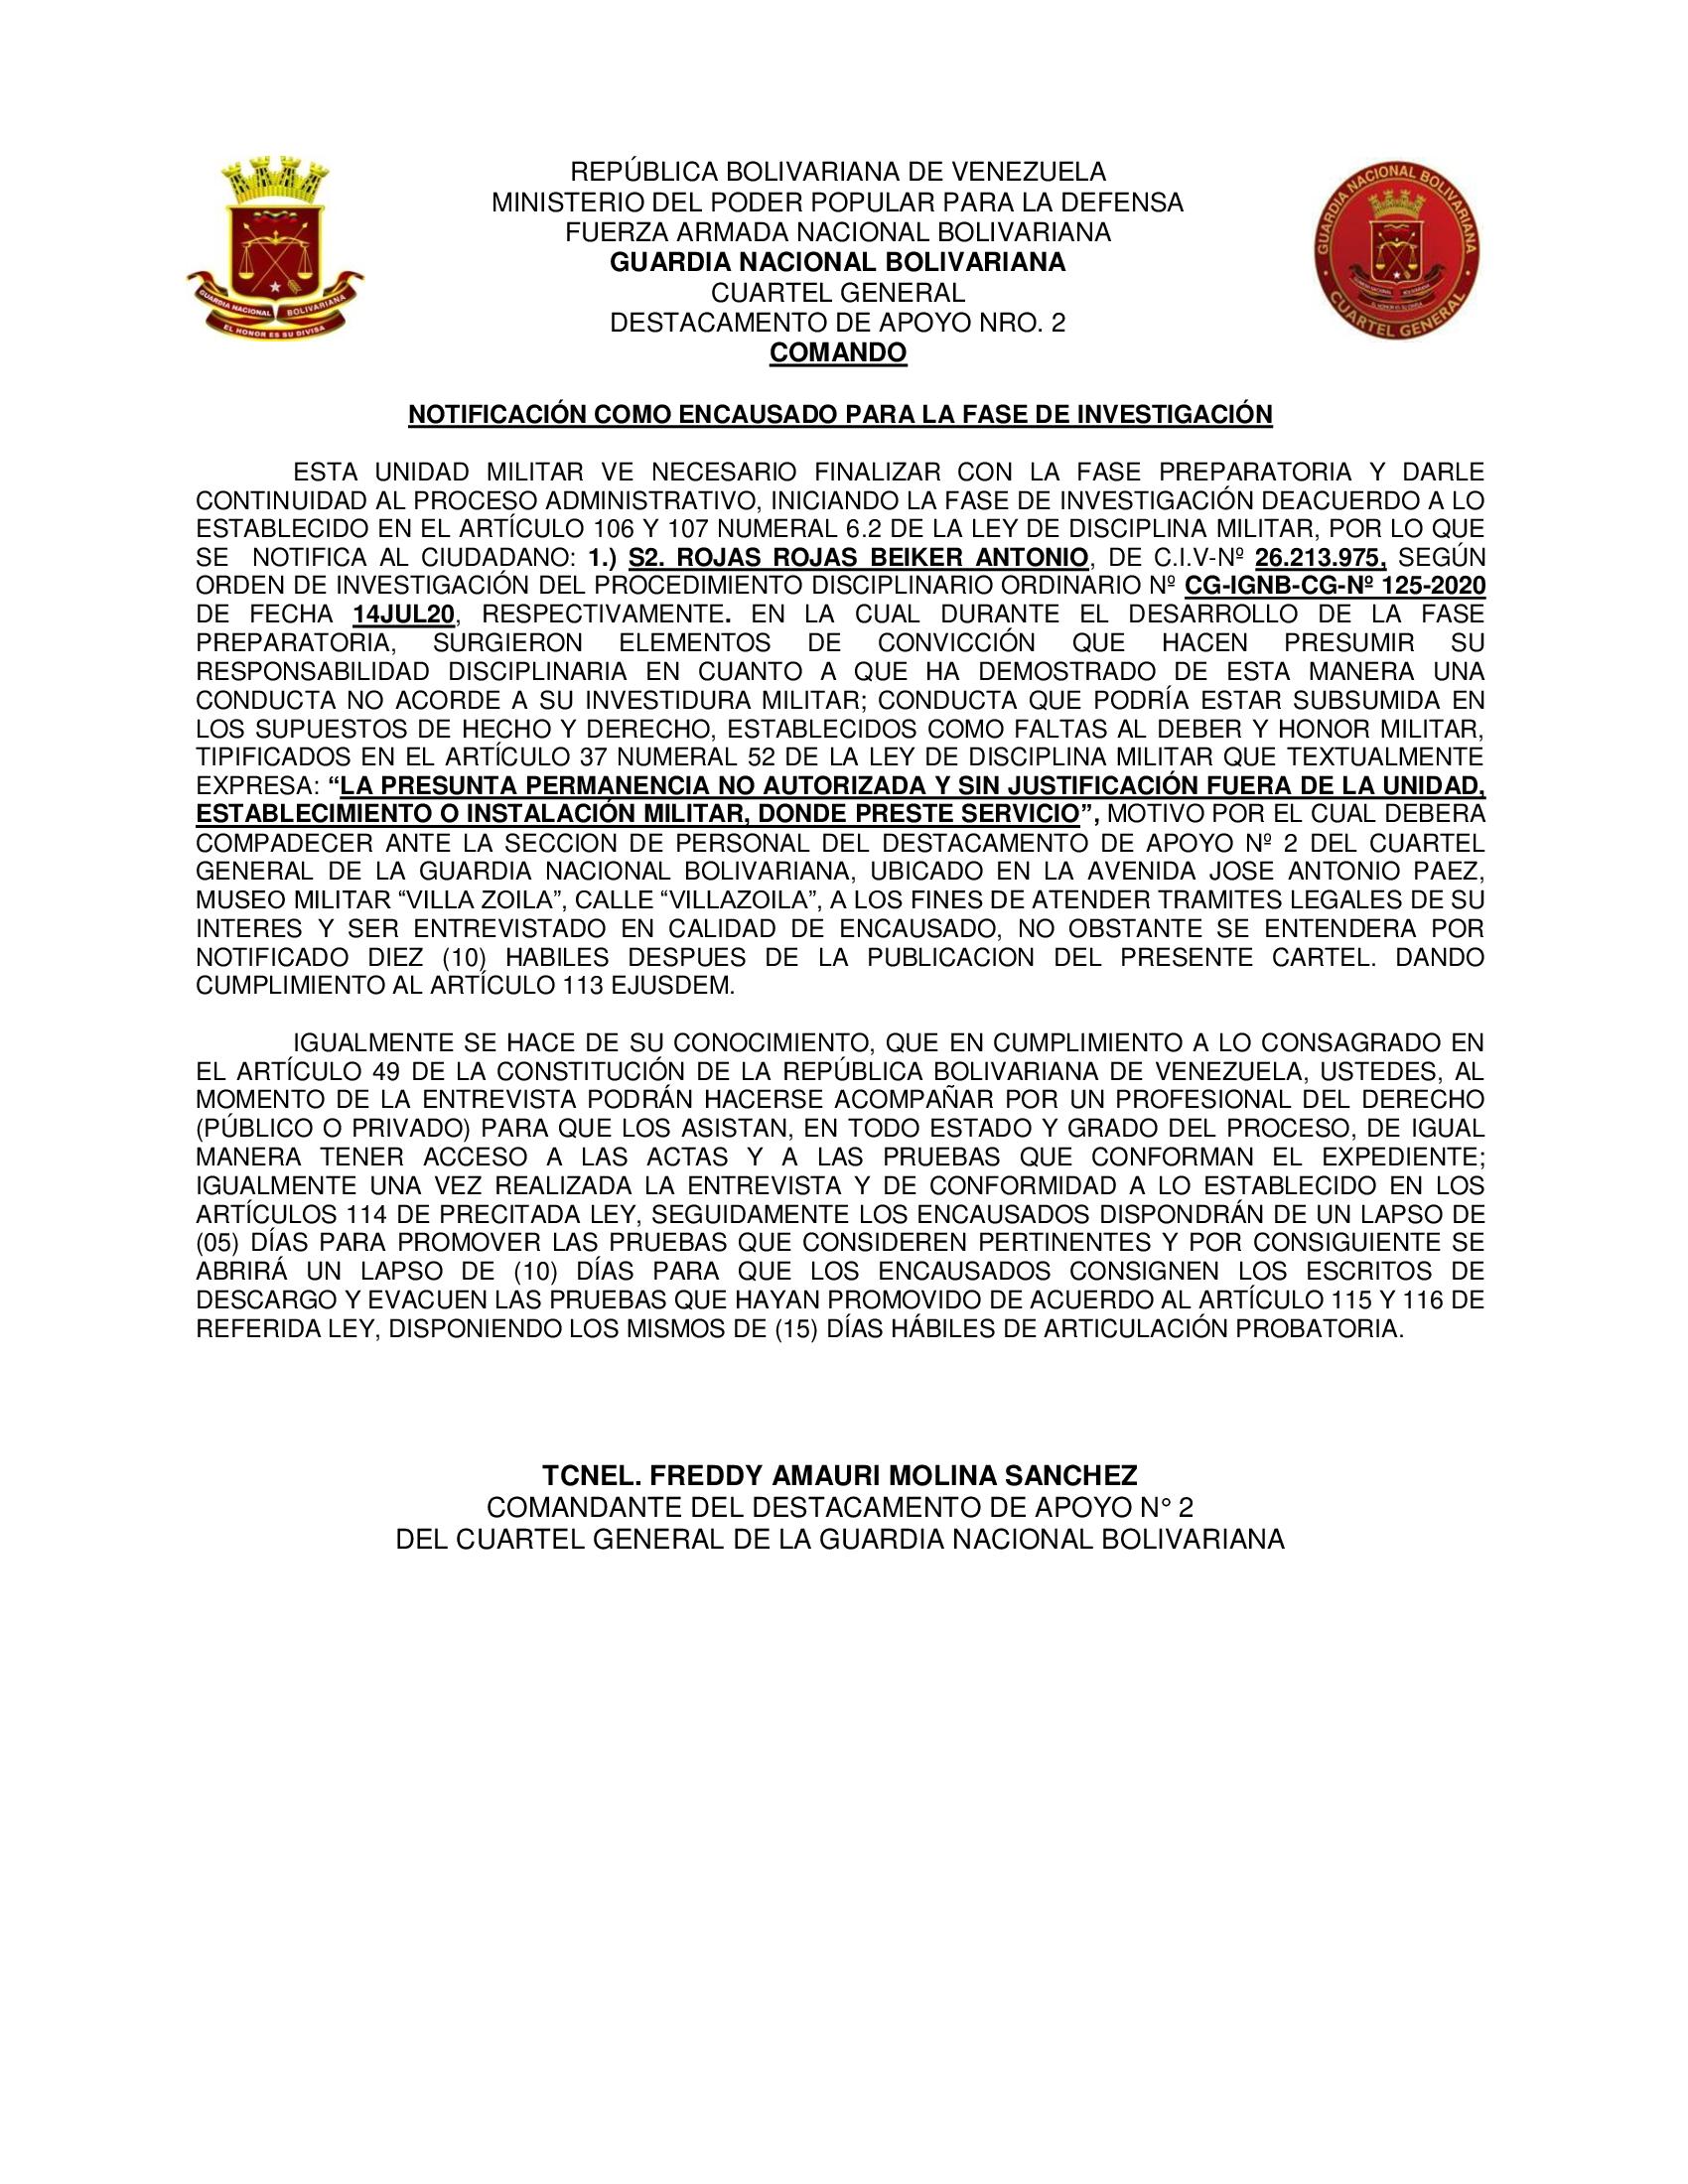 CARTEL DE NOTIFICACION DAN-2 S2. ROJAS ROJAS BEIKER